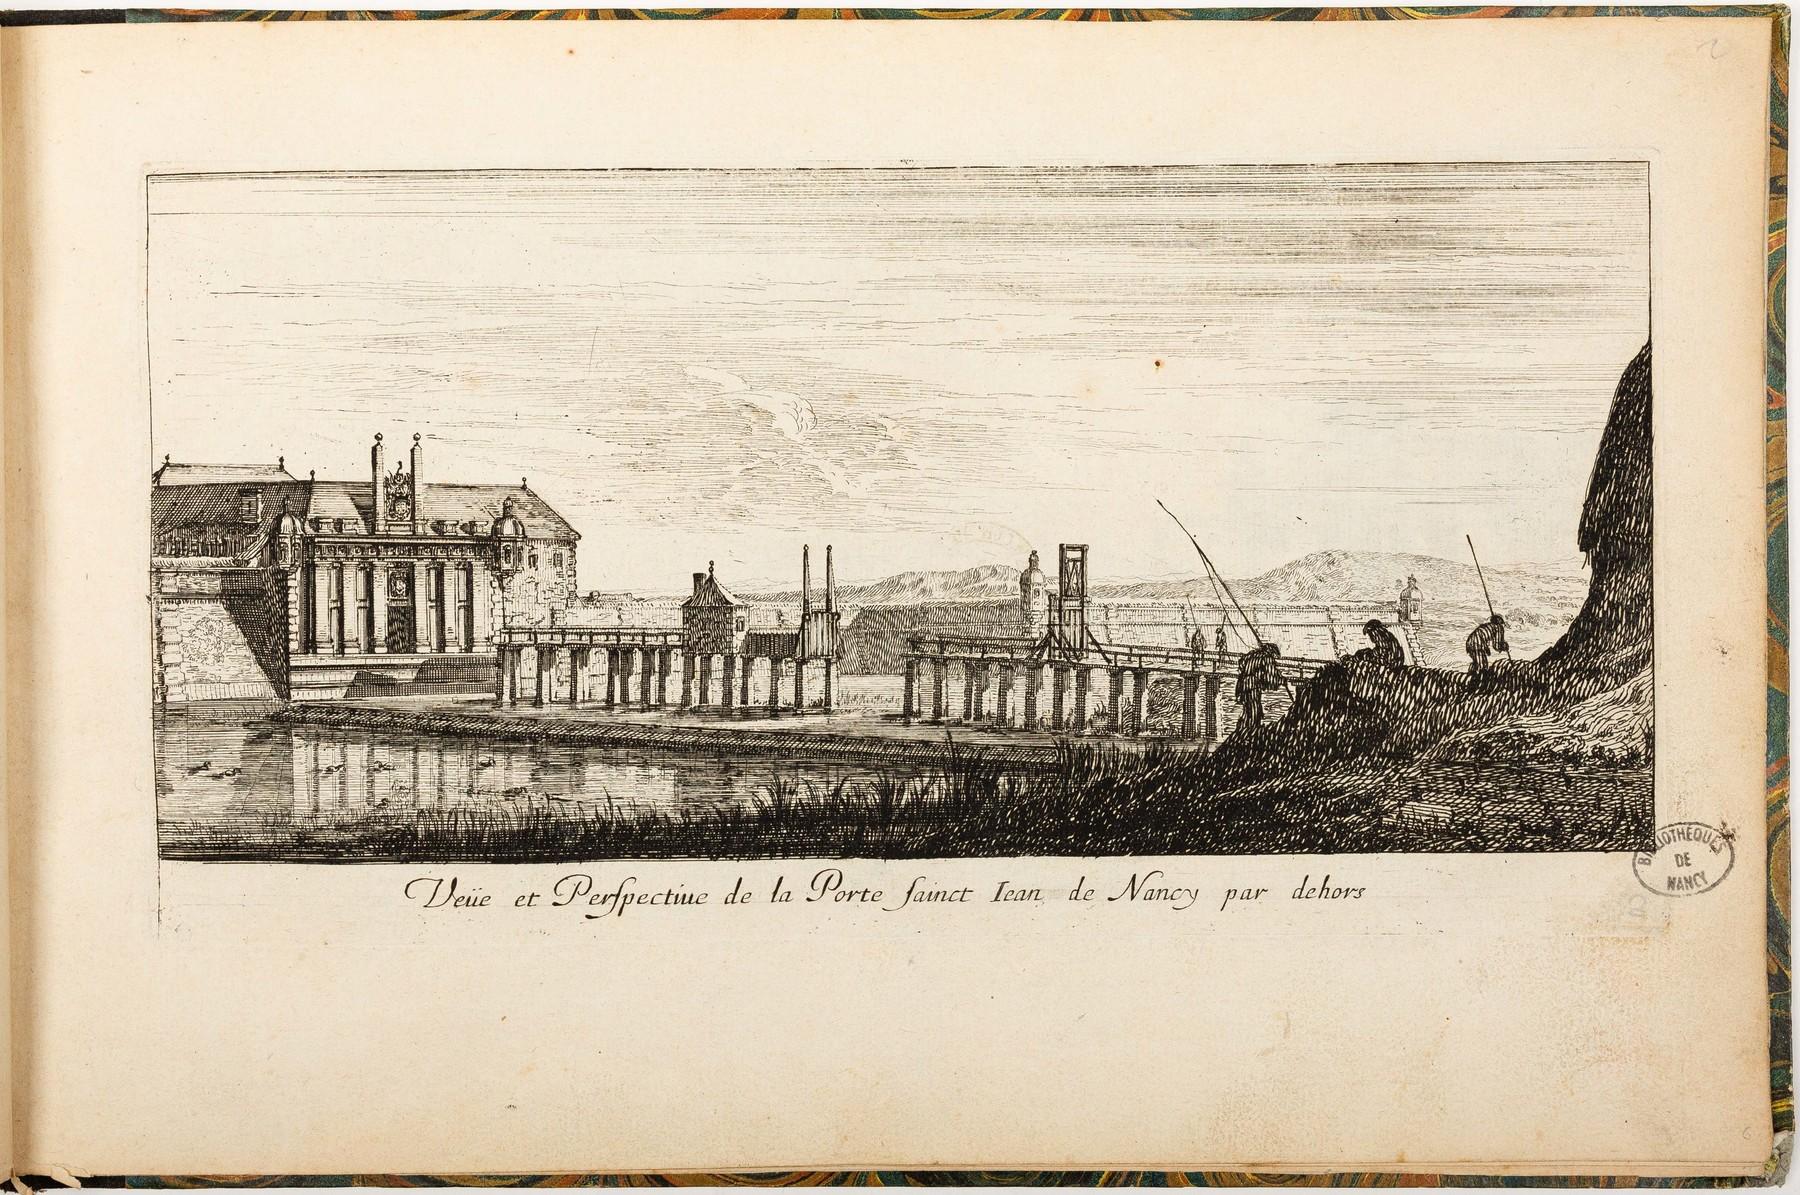 Contenu du Veüe et Perspective de la Porte Sainct Iean de Nancy par dehors